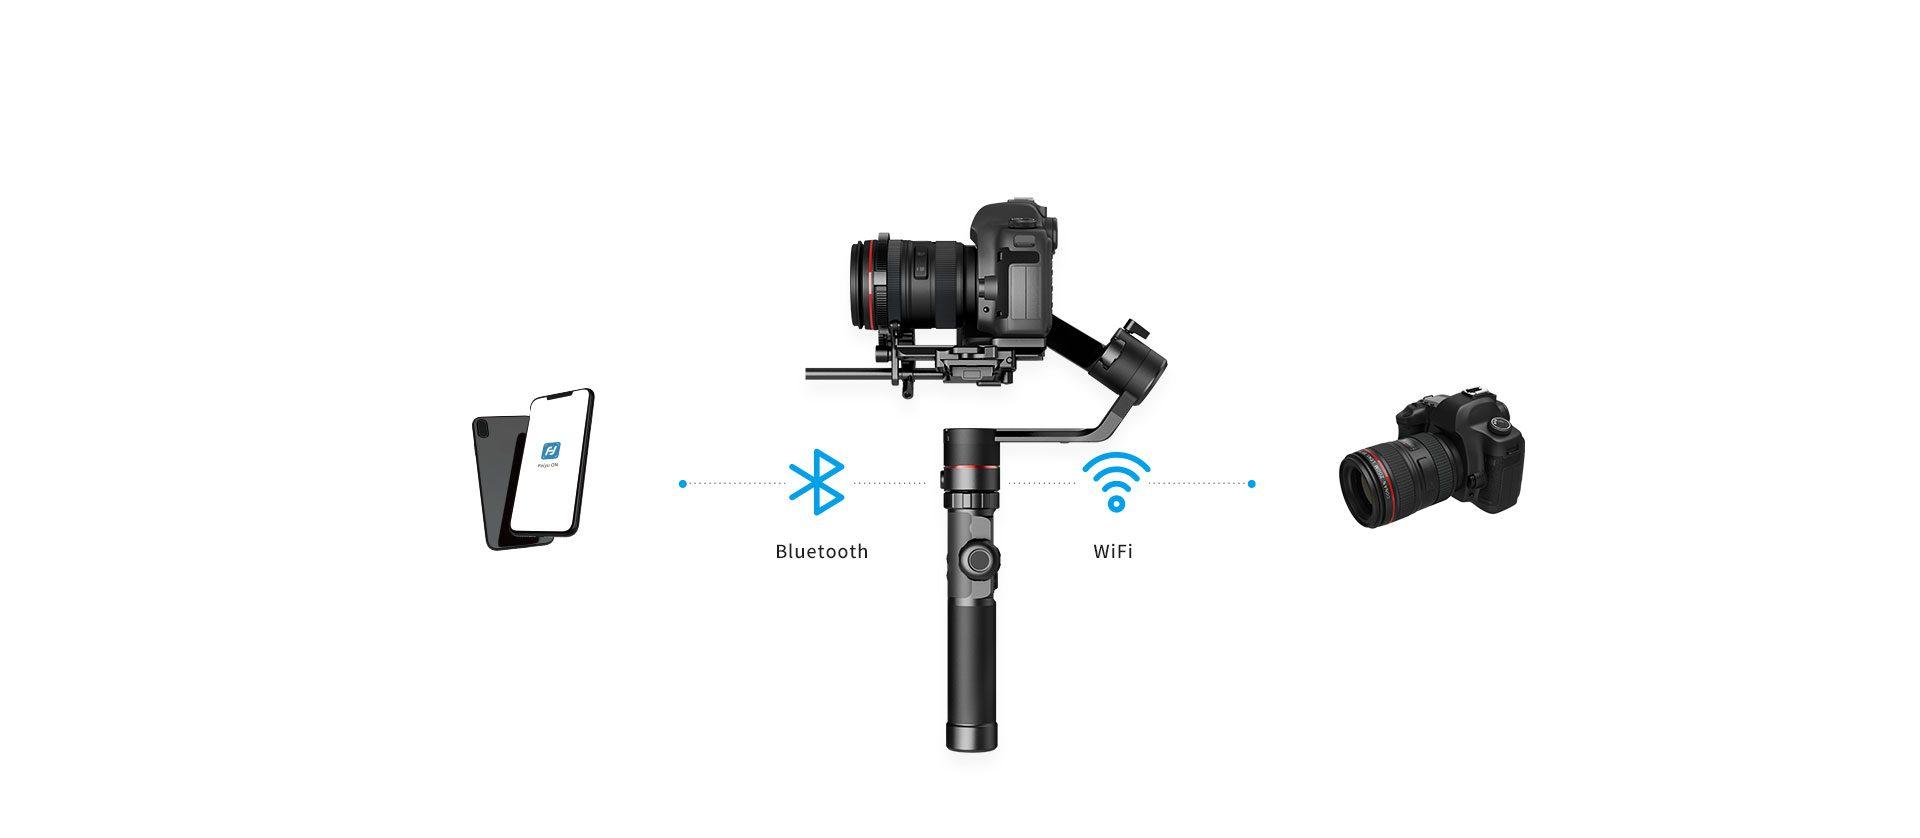 WLAN & Bluetooth der FeiyuTech AK2000 & AK4000 Gimbals